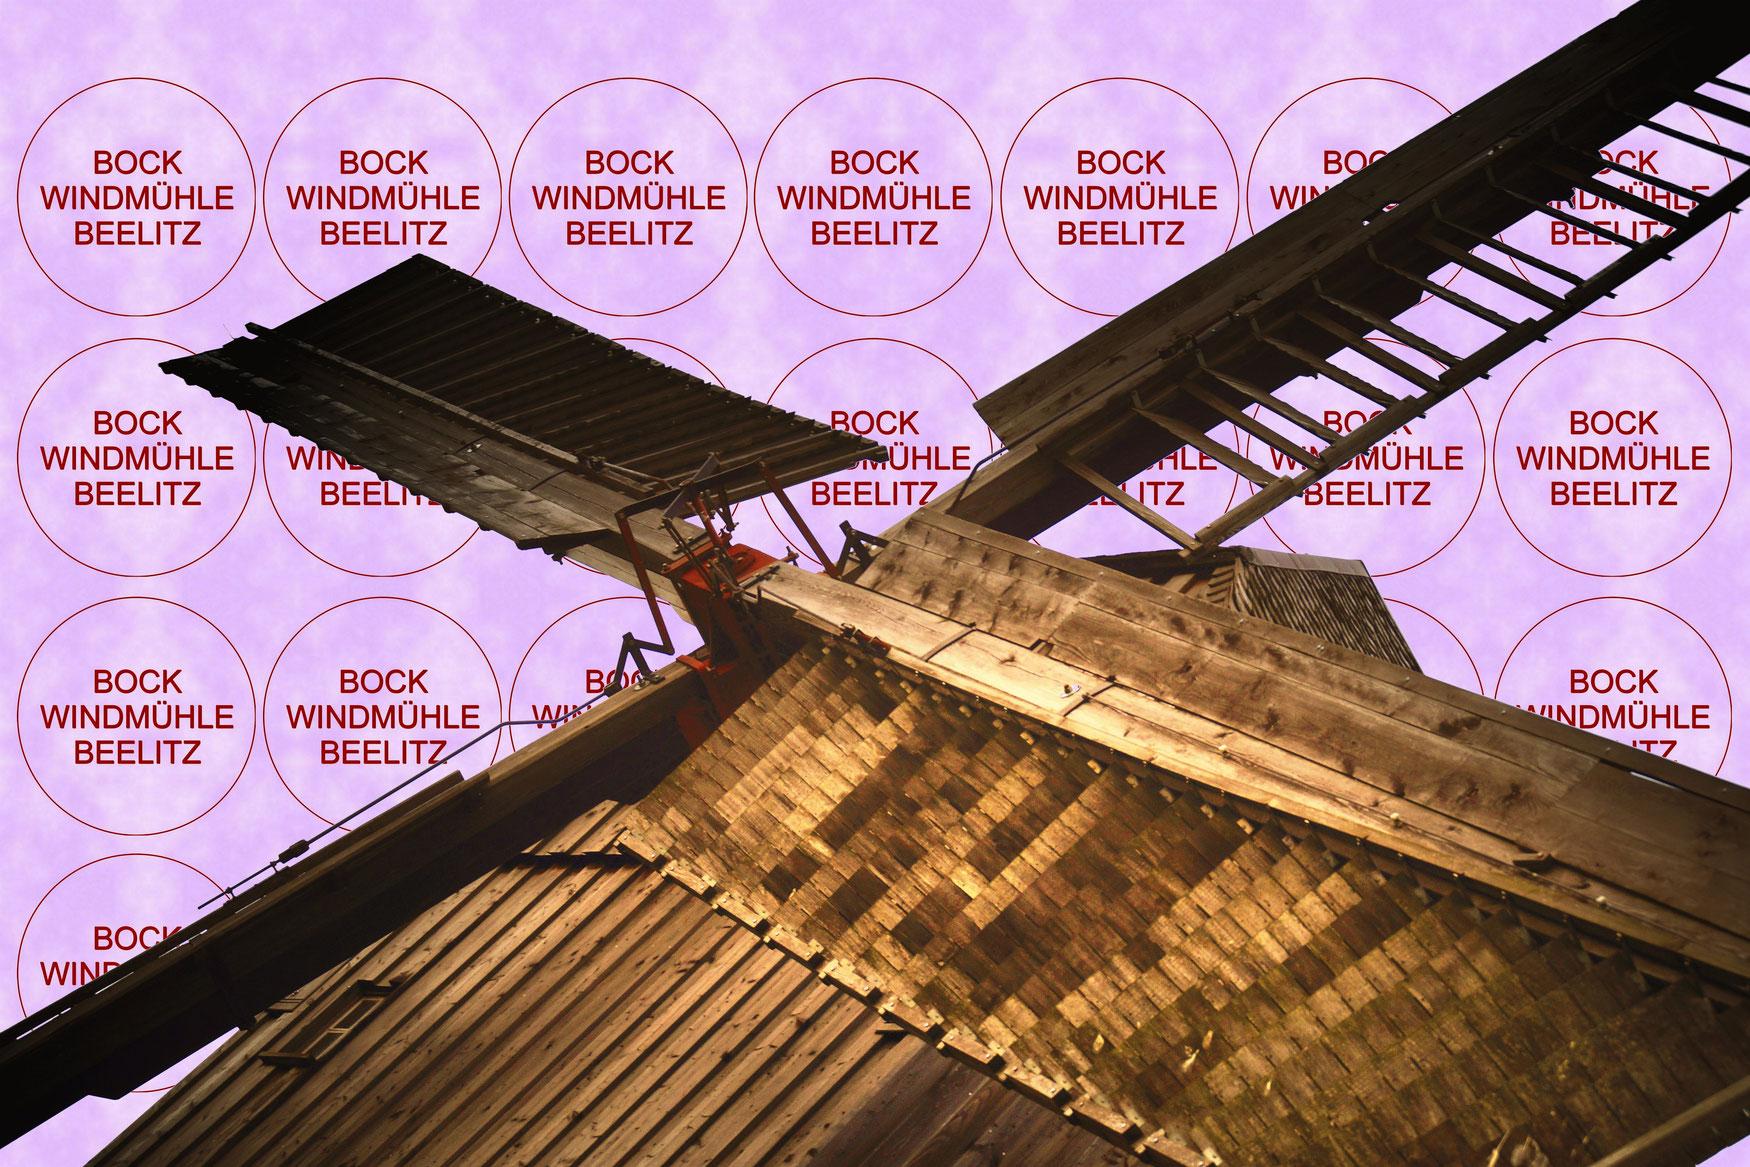 Beelitz Bockwindmühle web-bb